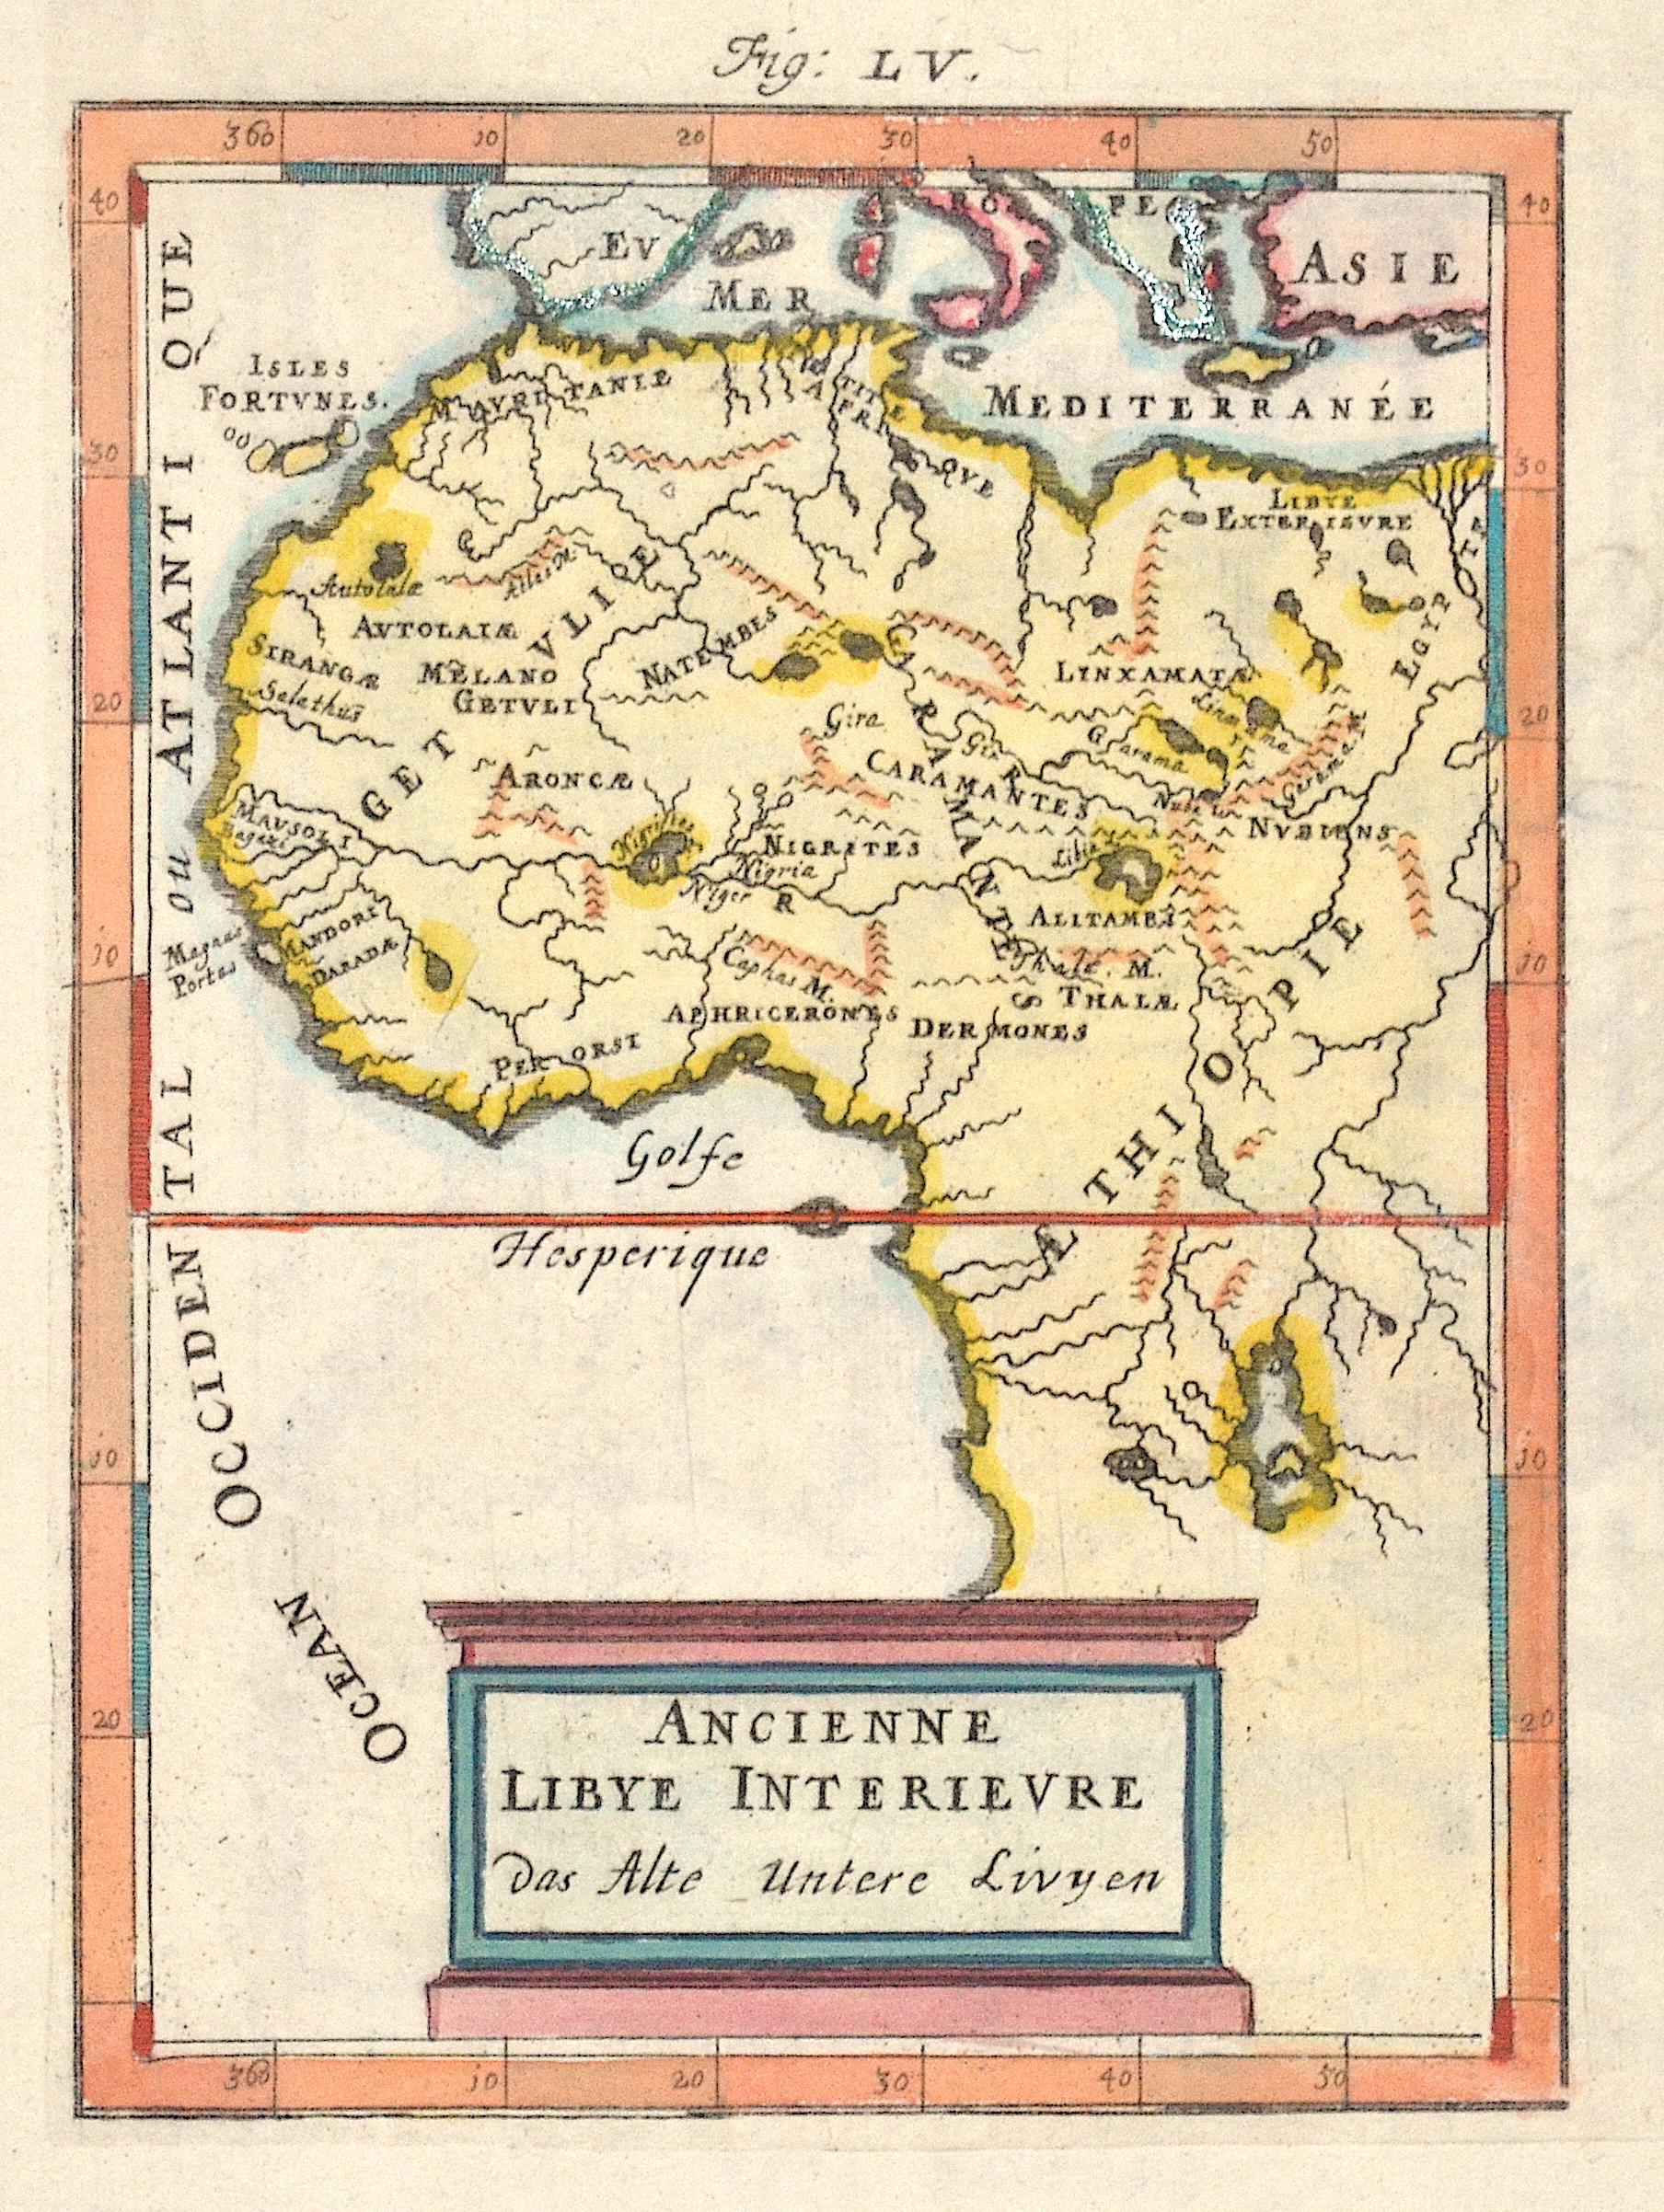 Mallet Alain Manesson Ancienne Libye Interieure  Das Alte untere Livyen